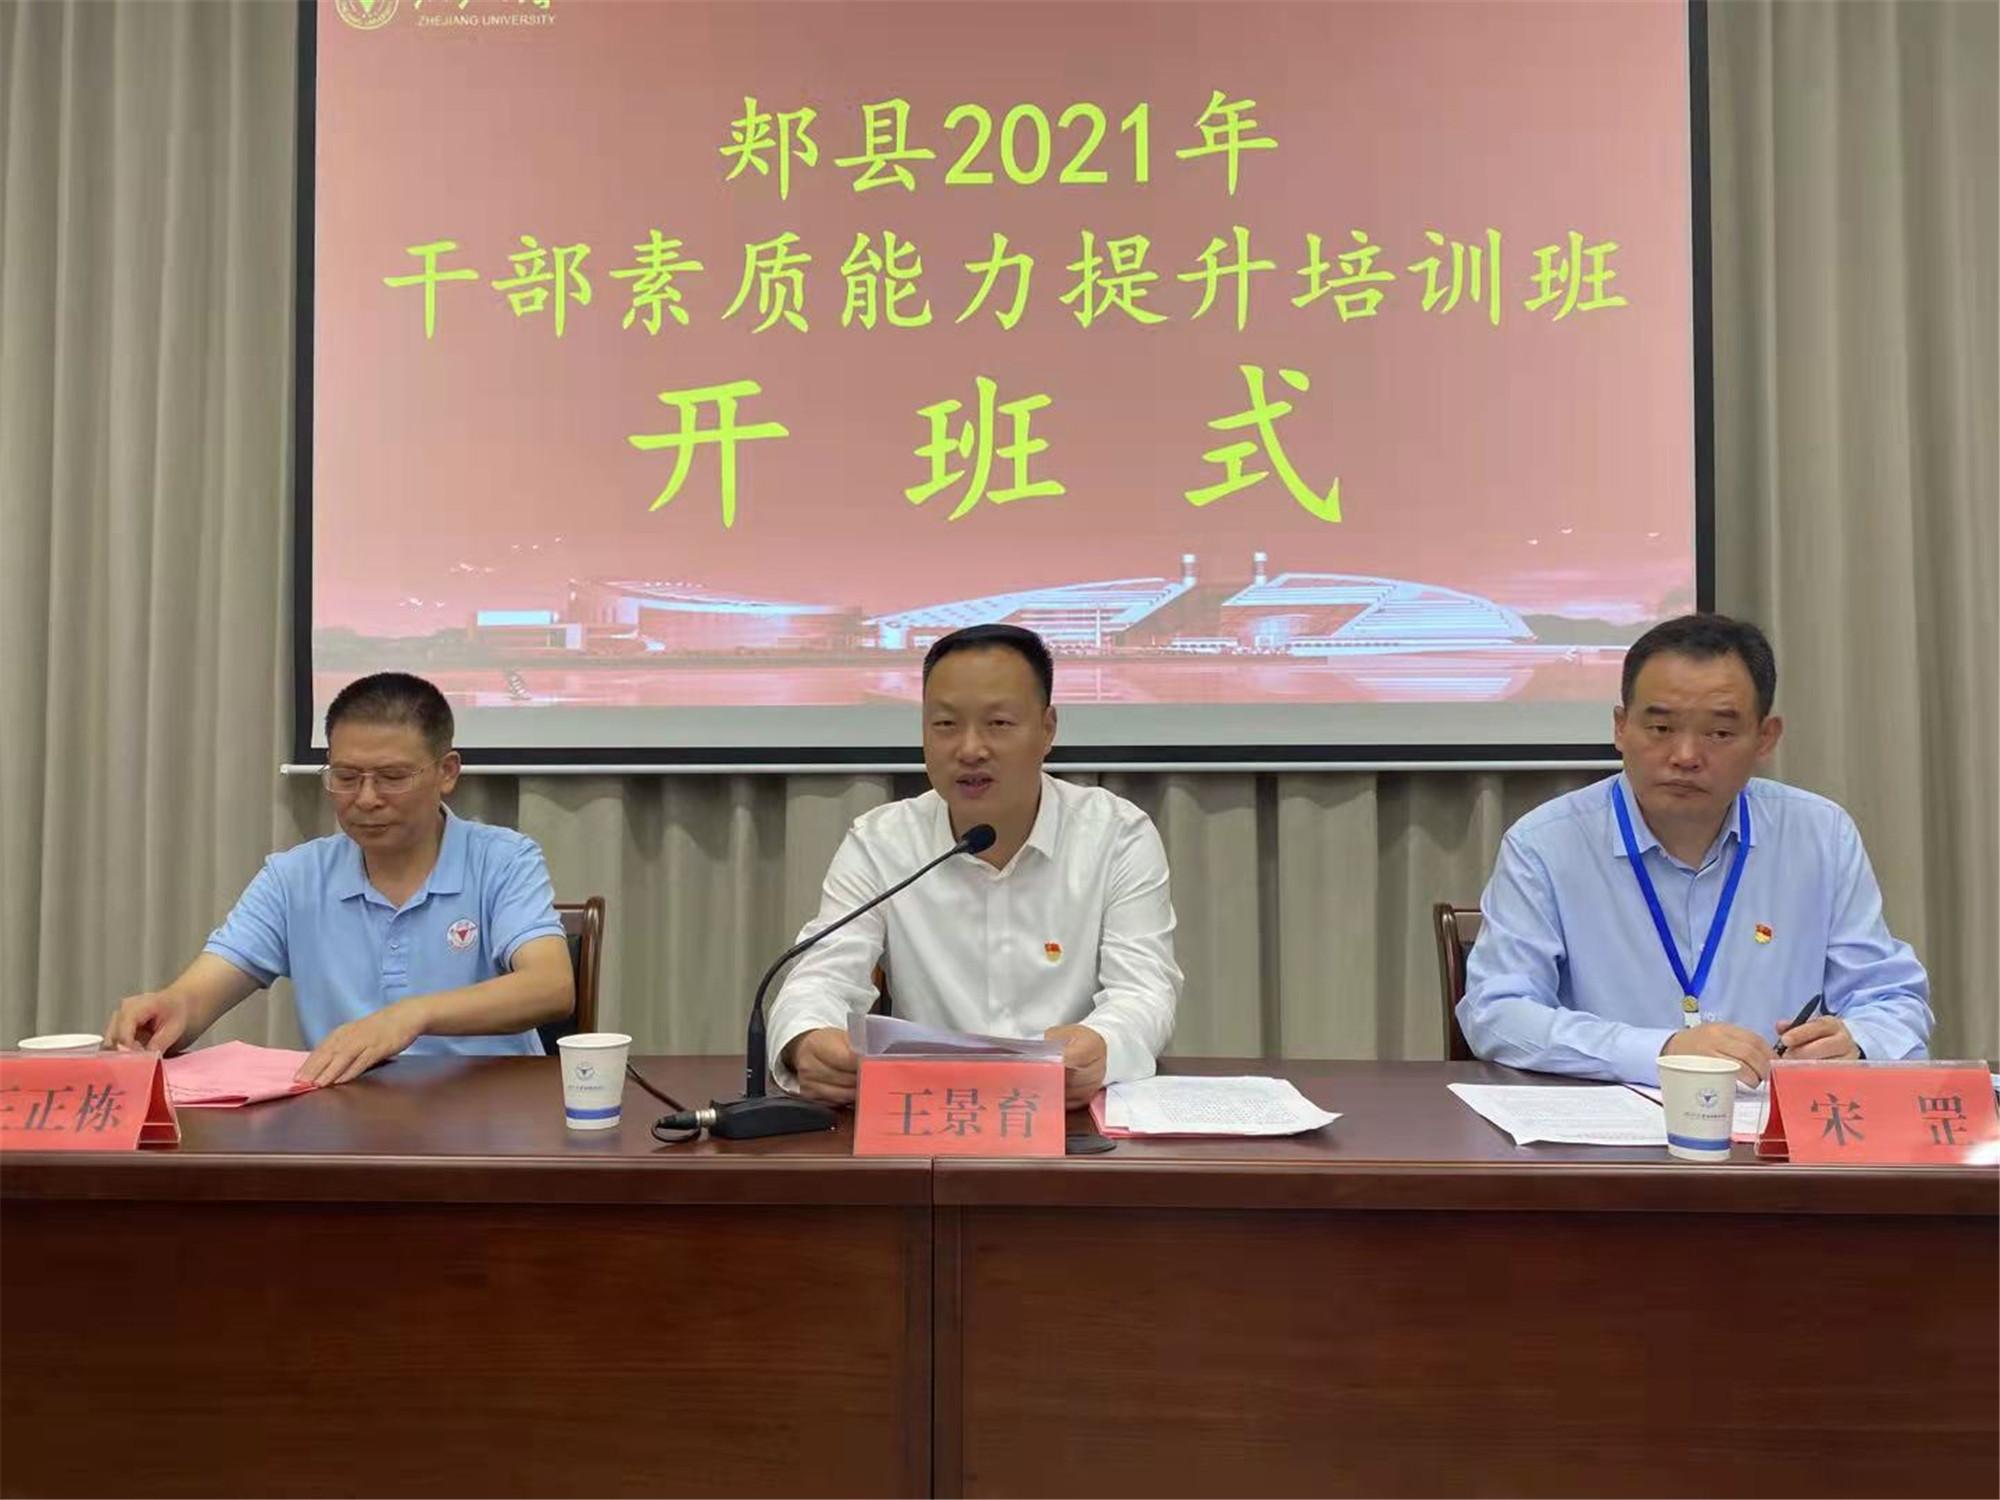 10月11日郏县领导干部素能提升培训班在浙江大学顺利开班.1_副本.jpg